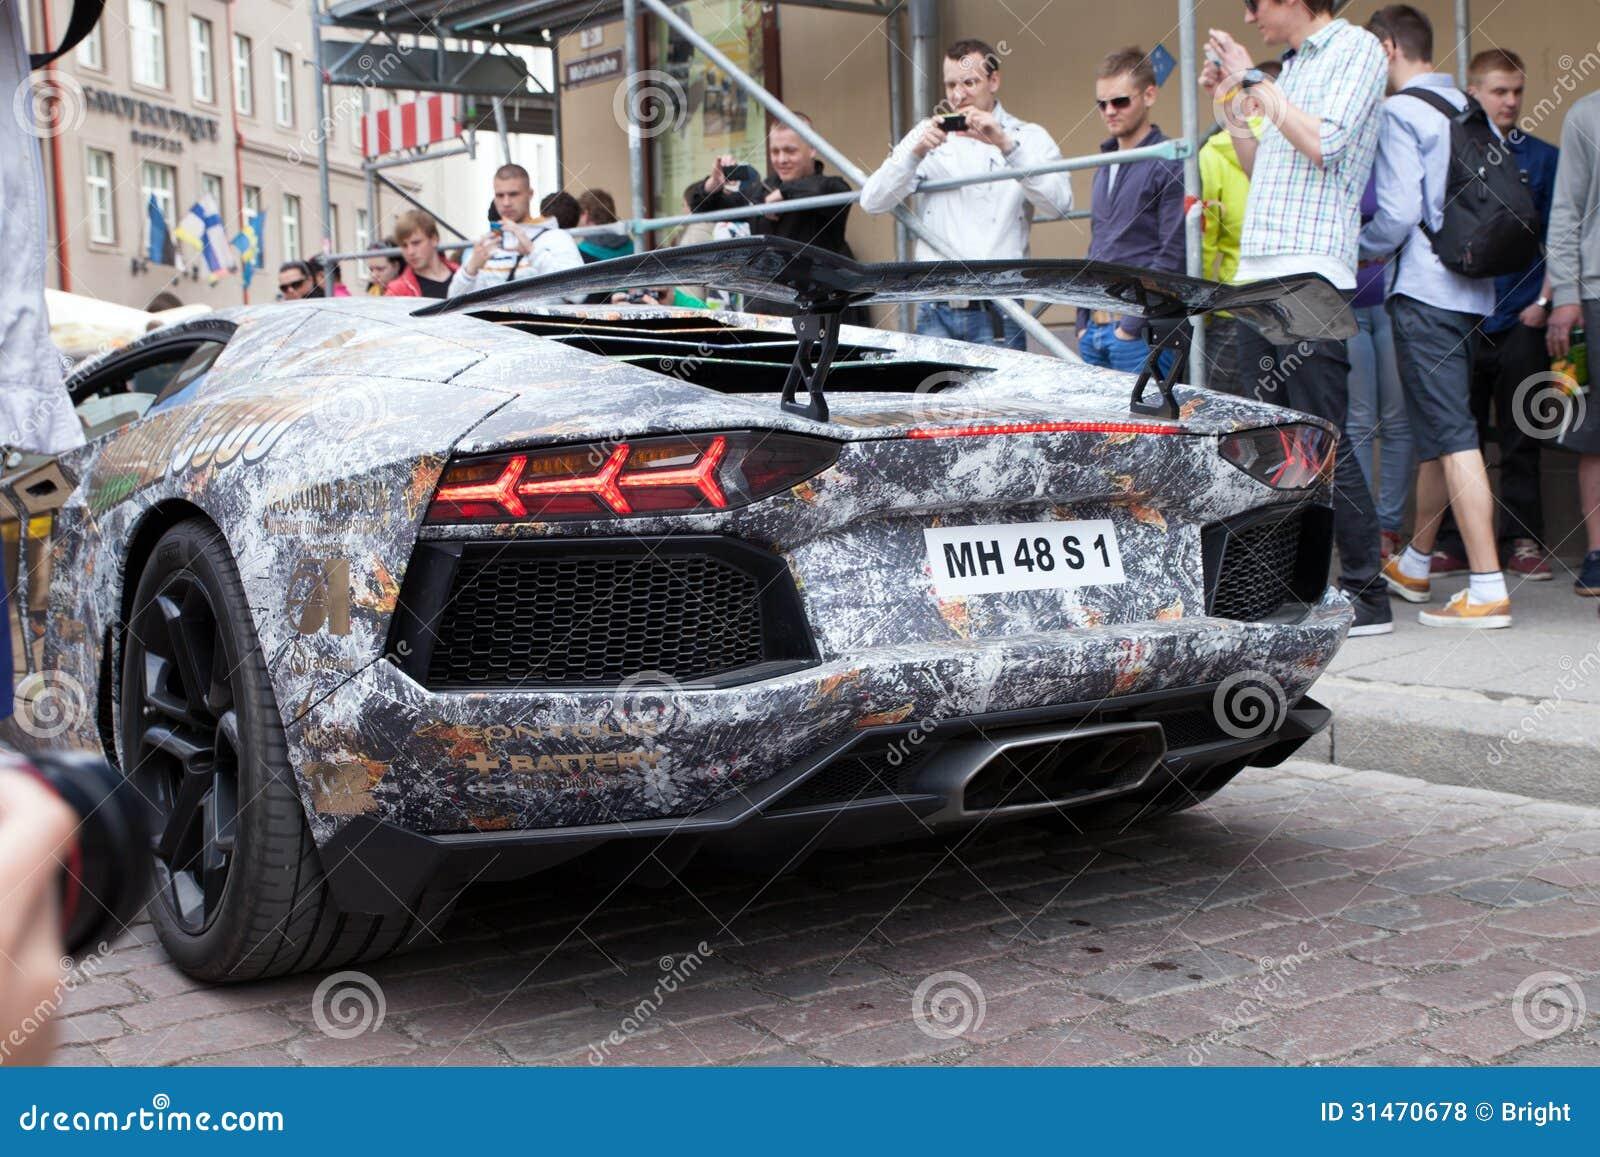 Gumball 3000 Car Editorial Stock Photo Image 31470678